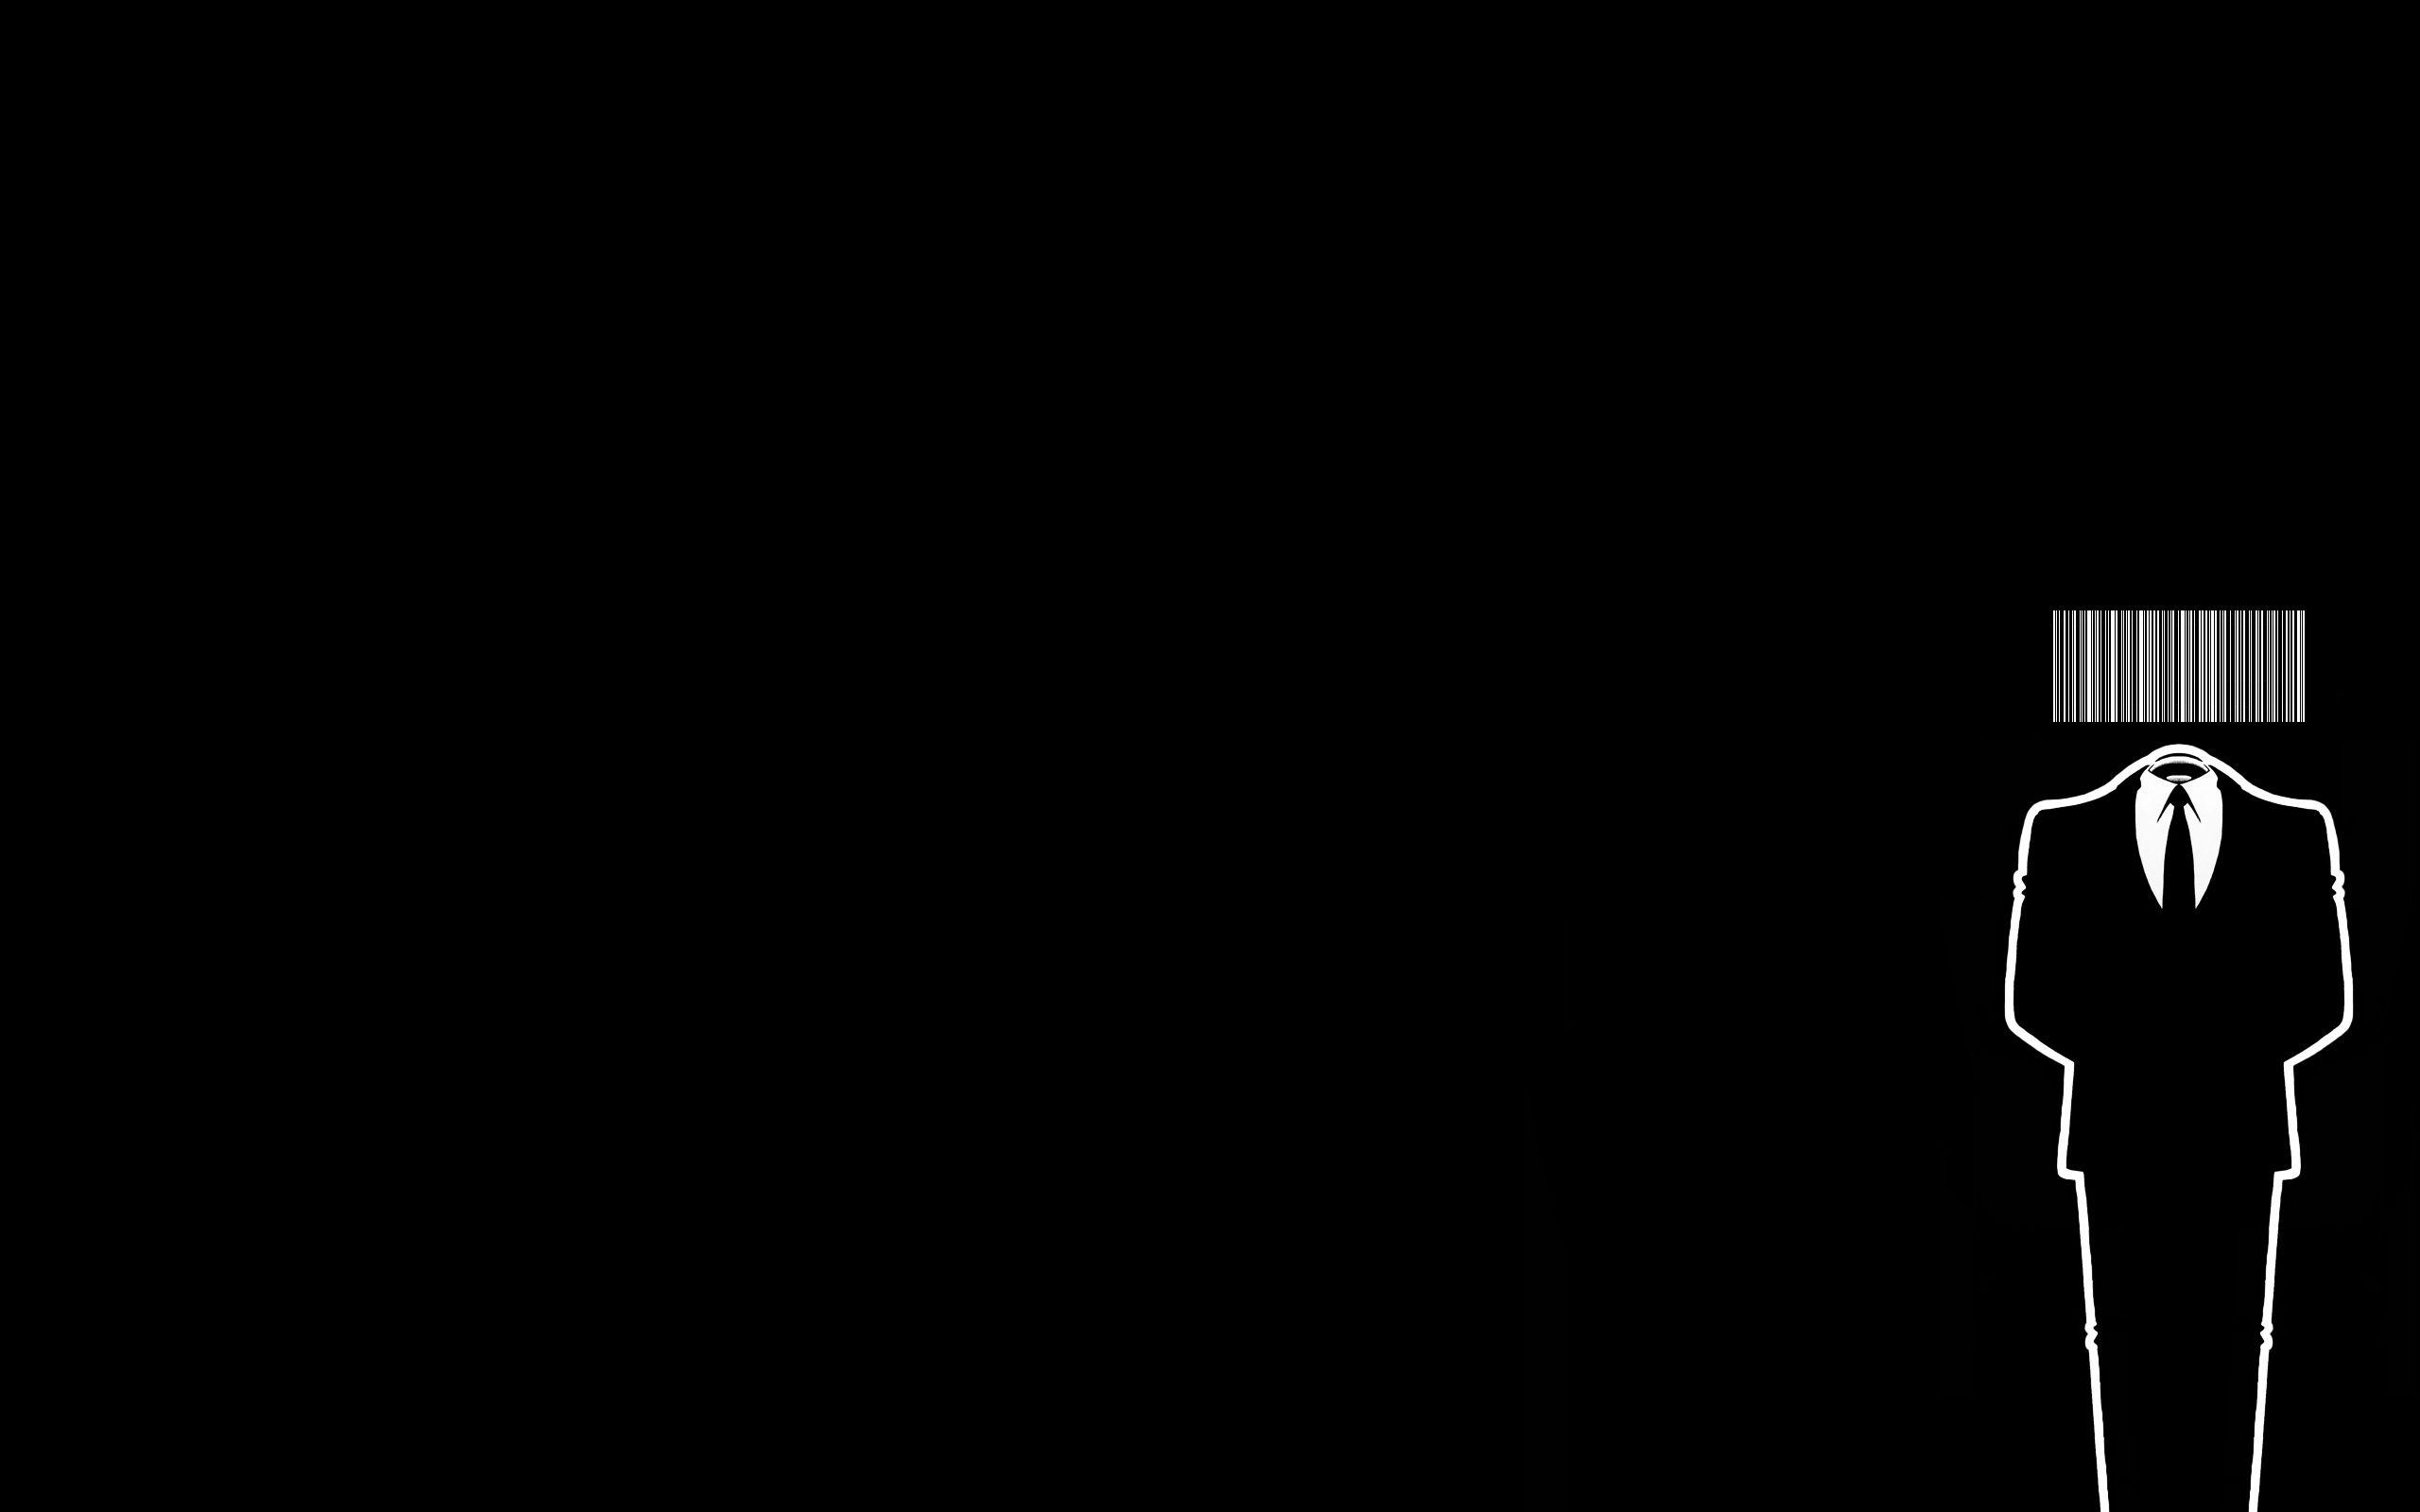 145135 Salvapantallas y fondos de pantalla Vector en tu teléfono. Descarga imágenes de Vector, Disfraz, Traje, El Esmoquin, Esmoquin, Código De Barras, El Negro gratis